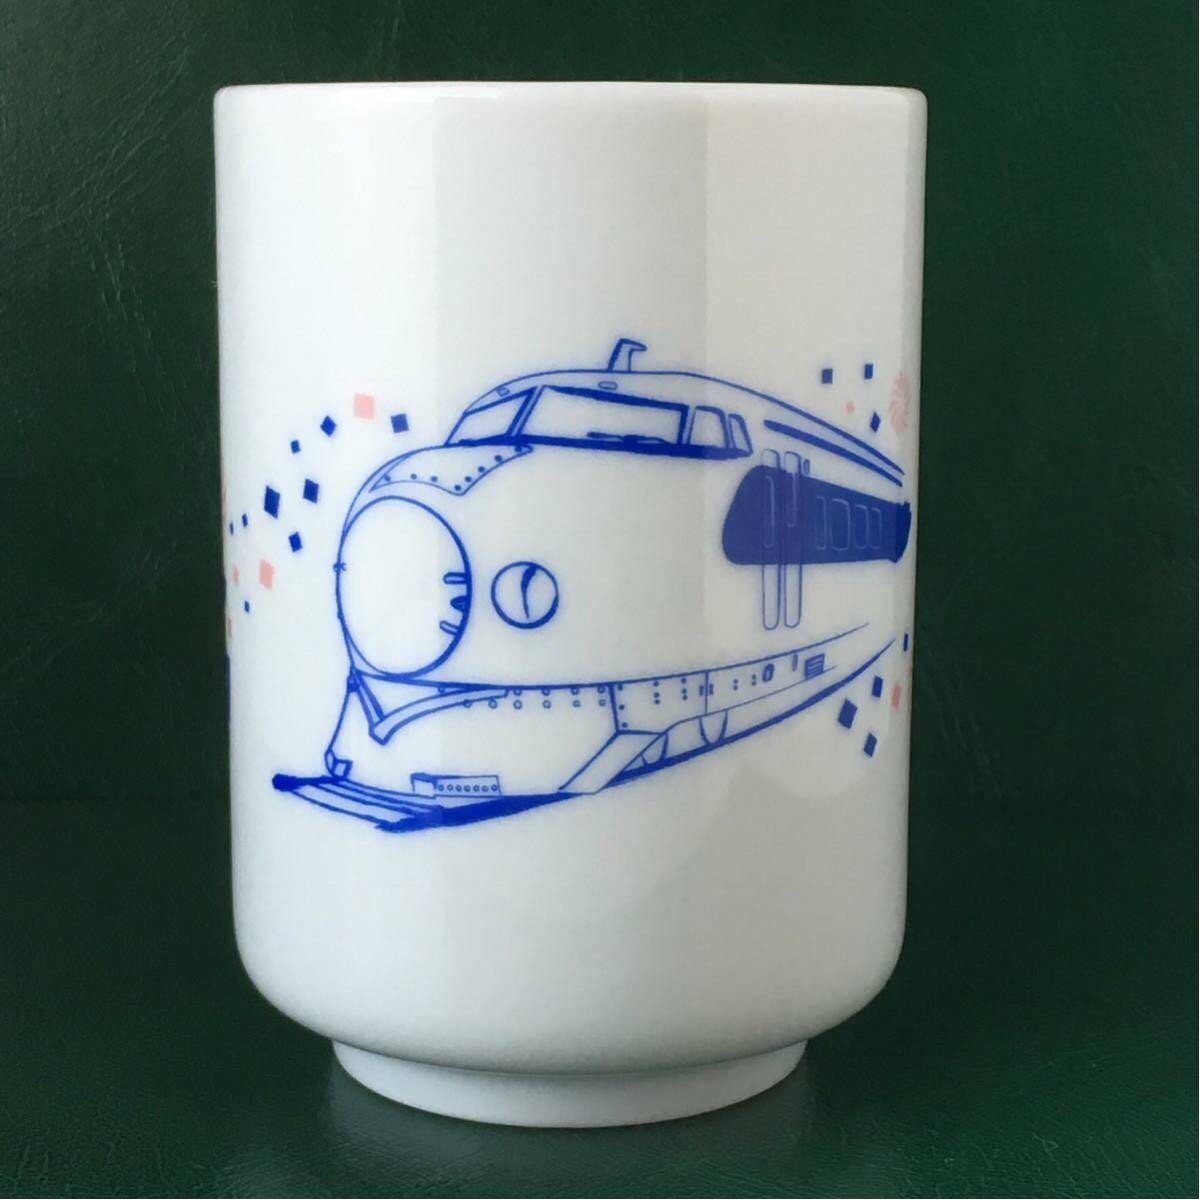 *送料無料* 日車夢工房 「 夢の超特急 」 新幹線 湯のみ 湯飲み 湯呑み NARUMI製 日本製 日本車両 販売終了